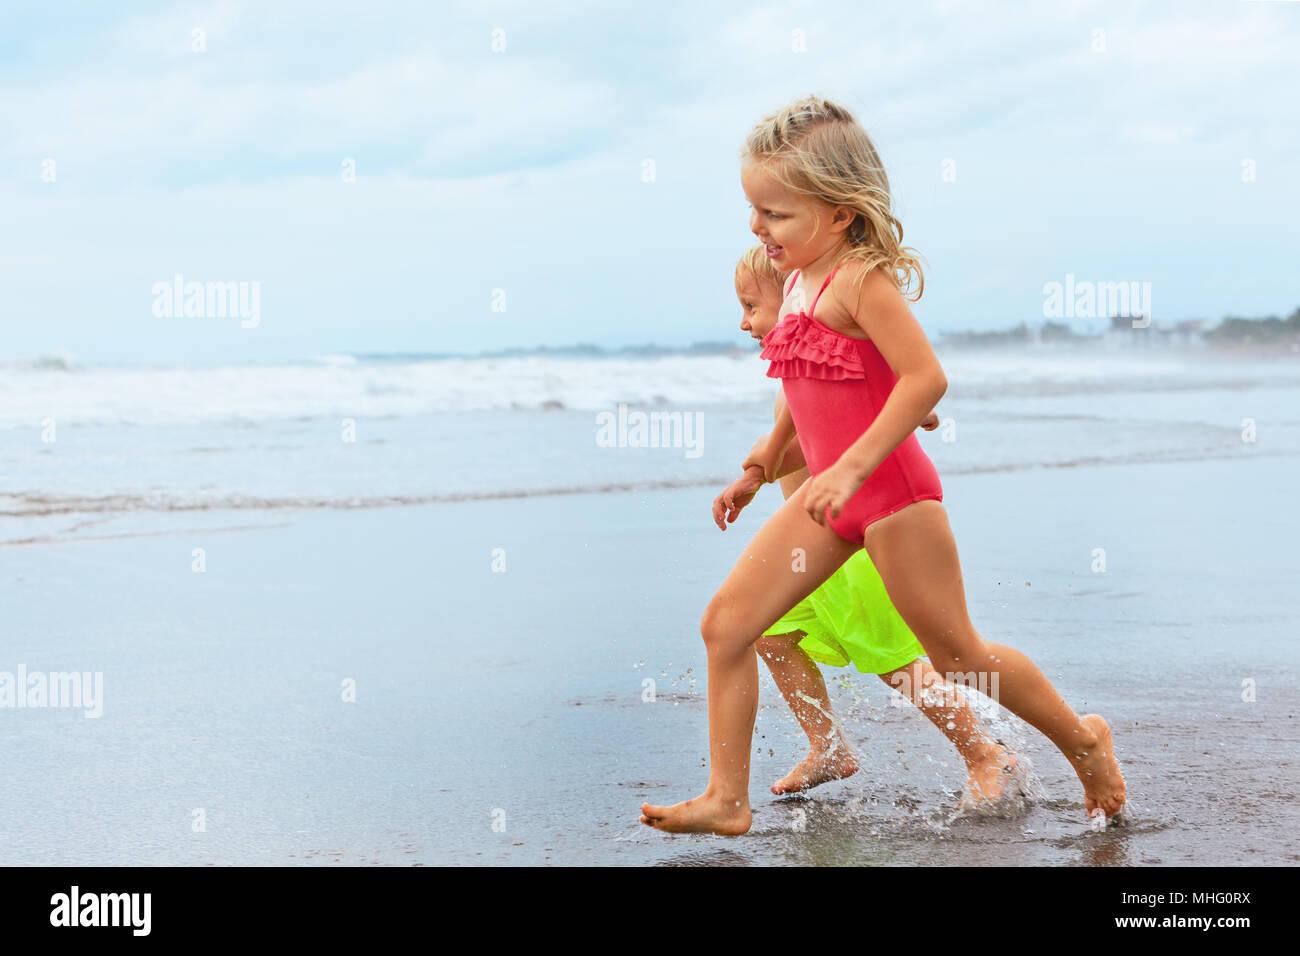 Felices los Niños descalzos divertirse en Sunset Beach Walk. Correr por la piscina de agua de mar a lo largo de surf y de salto. El viaje de la familia el estilo de vida, actividades de natación Imagen De Stock